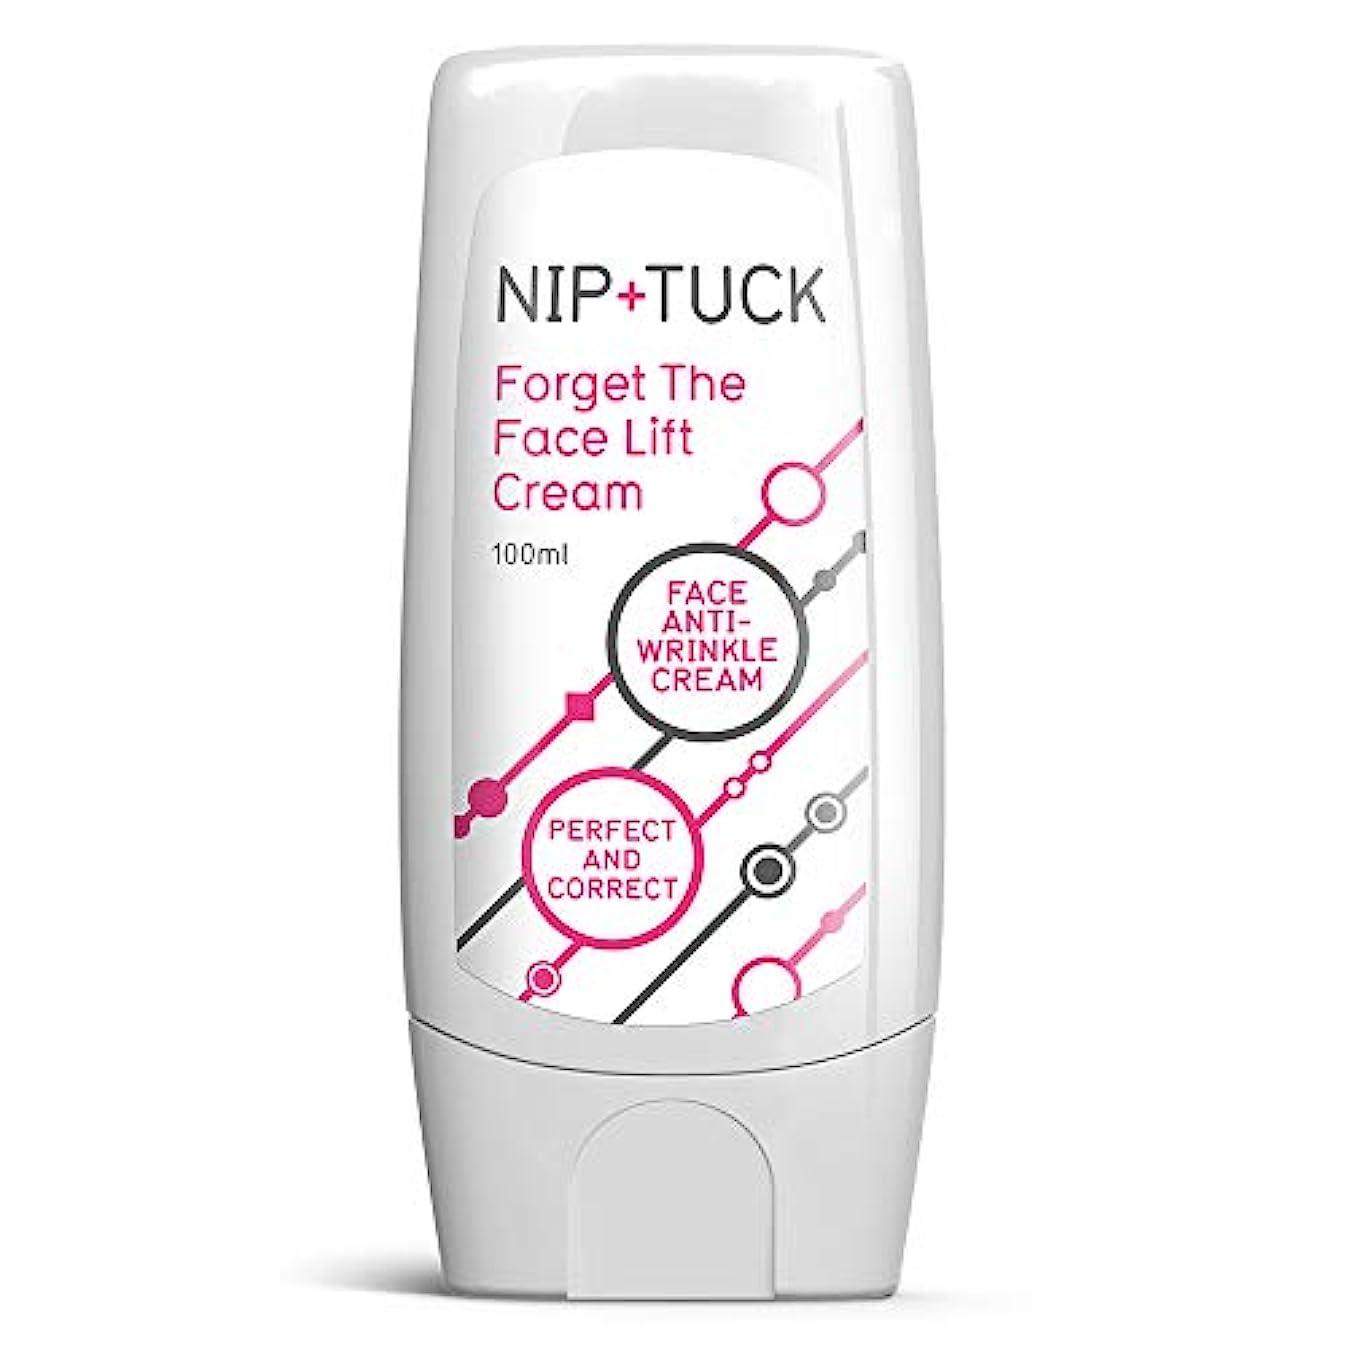 飲料海藻センチメートルNIP & TUCK FORGET THE FACELIFT CREAM Nippu& takku wa, anchikurinkufeisu& anchirinkurukurīmufāmu& 若く見える肌を